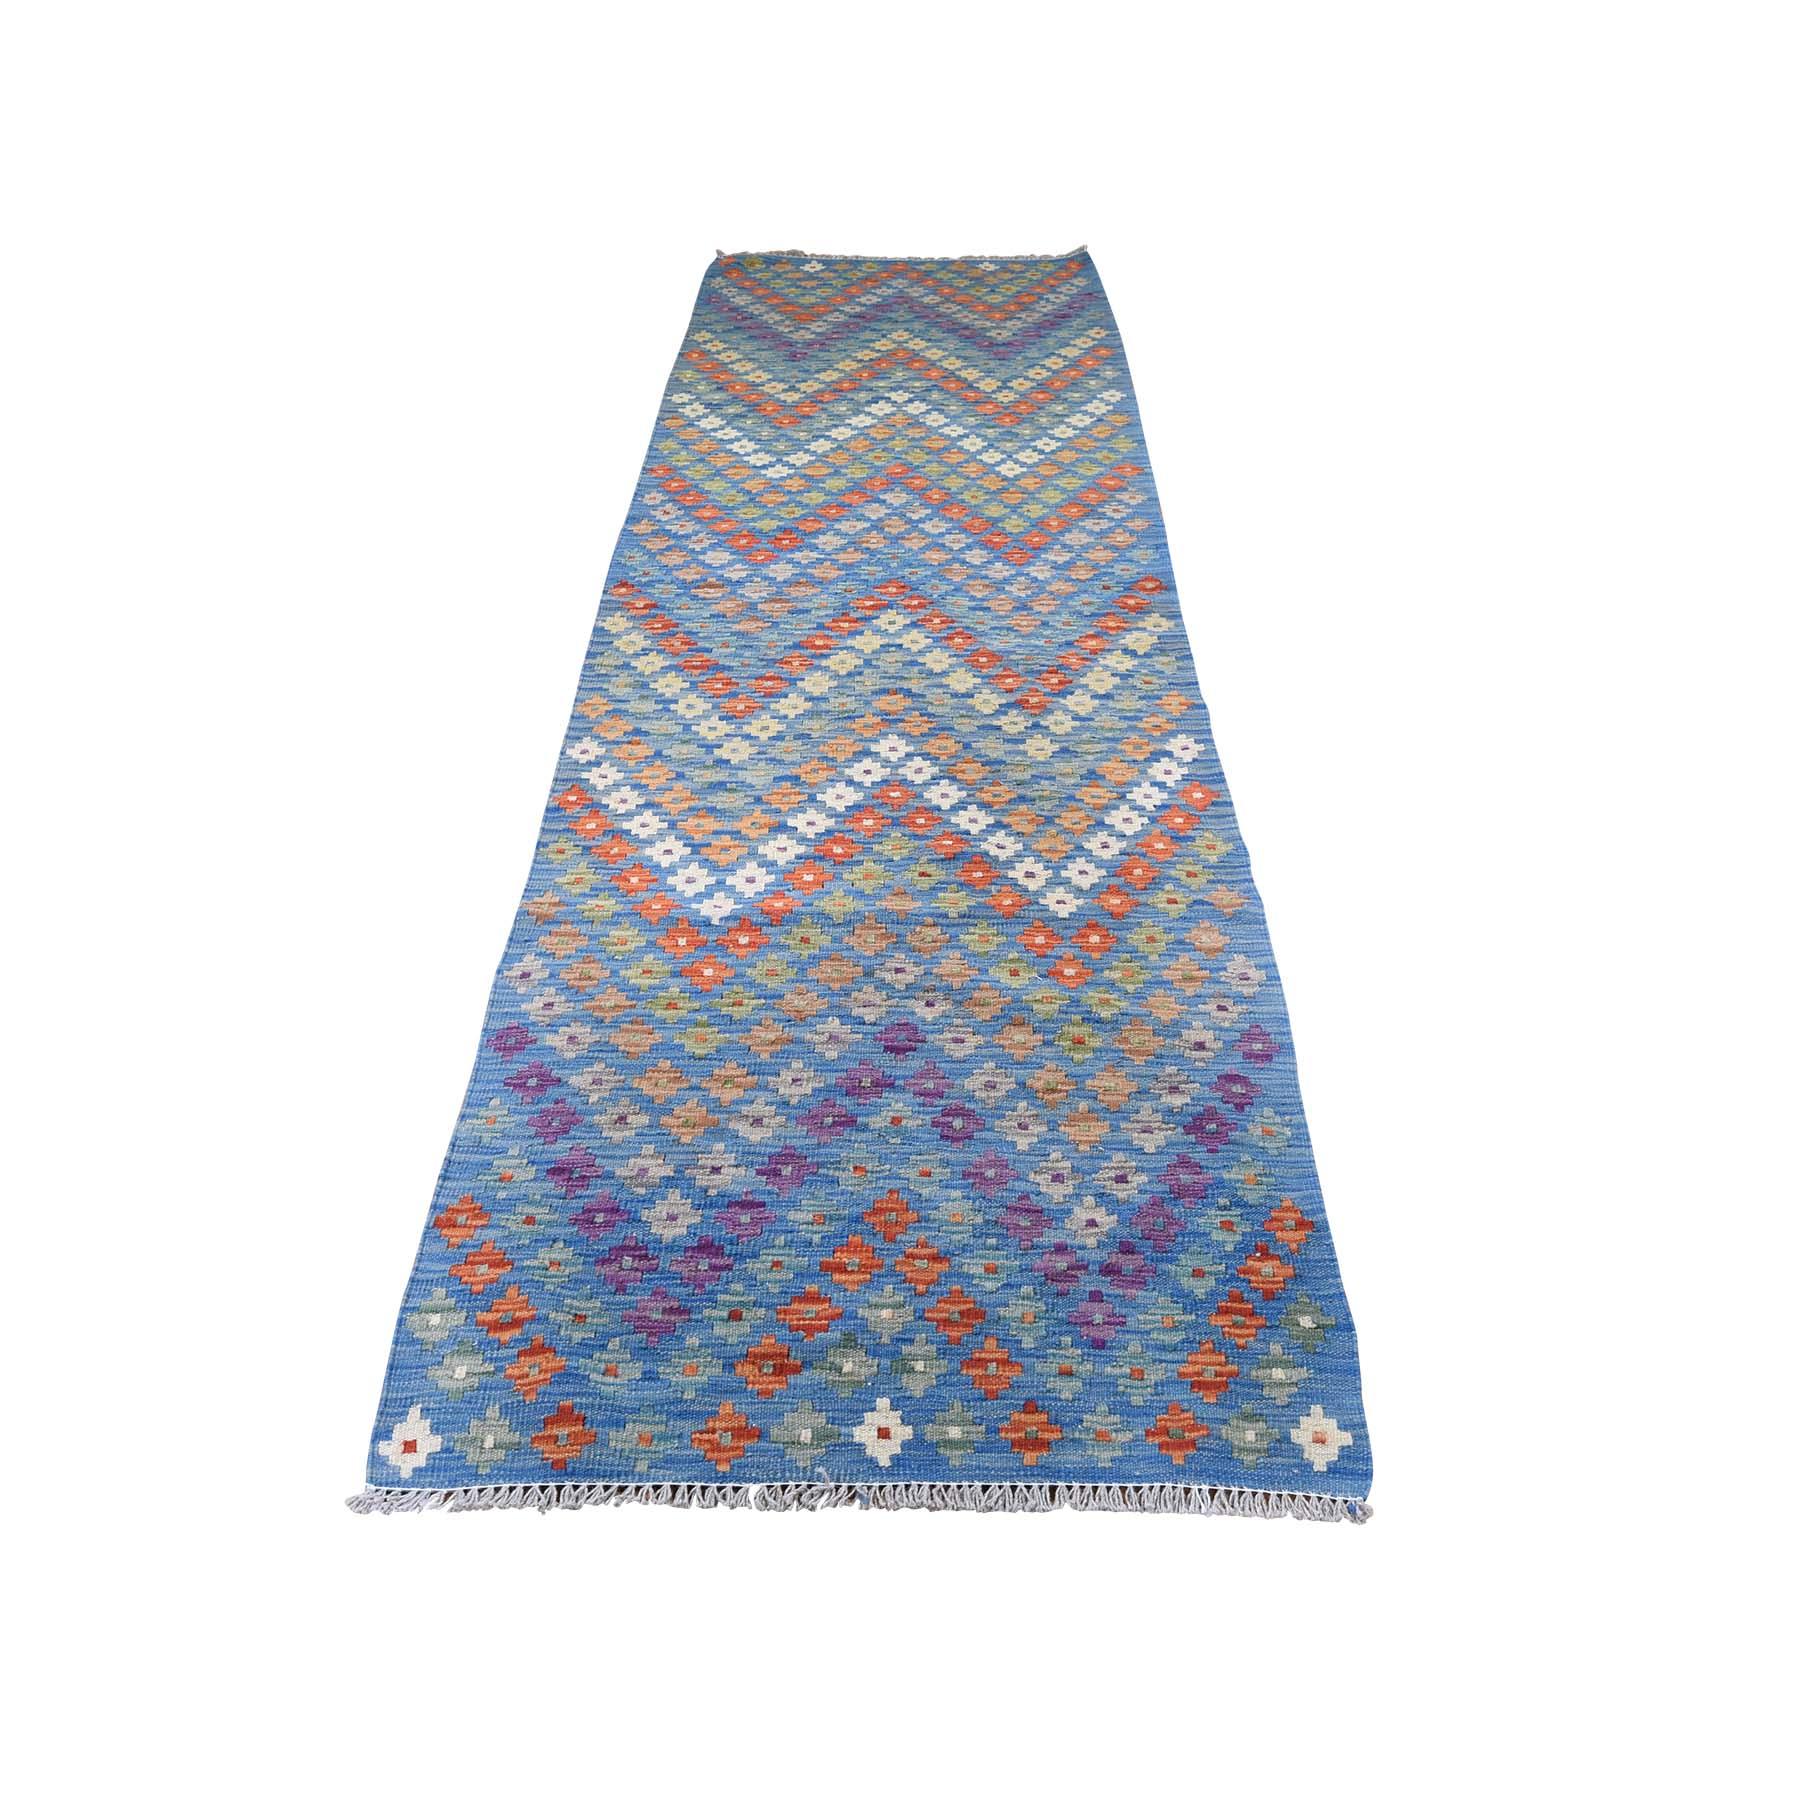 Fine Kilim Collection Hand Woven Multicolored Rug No: 0183530